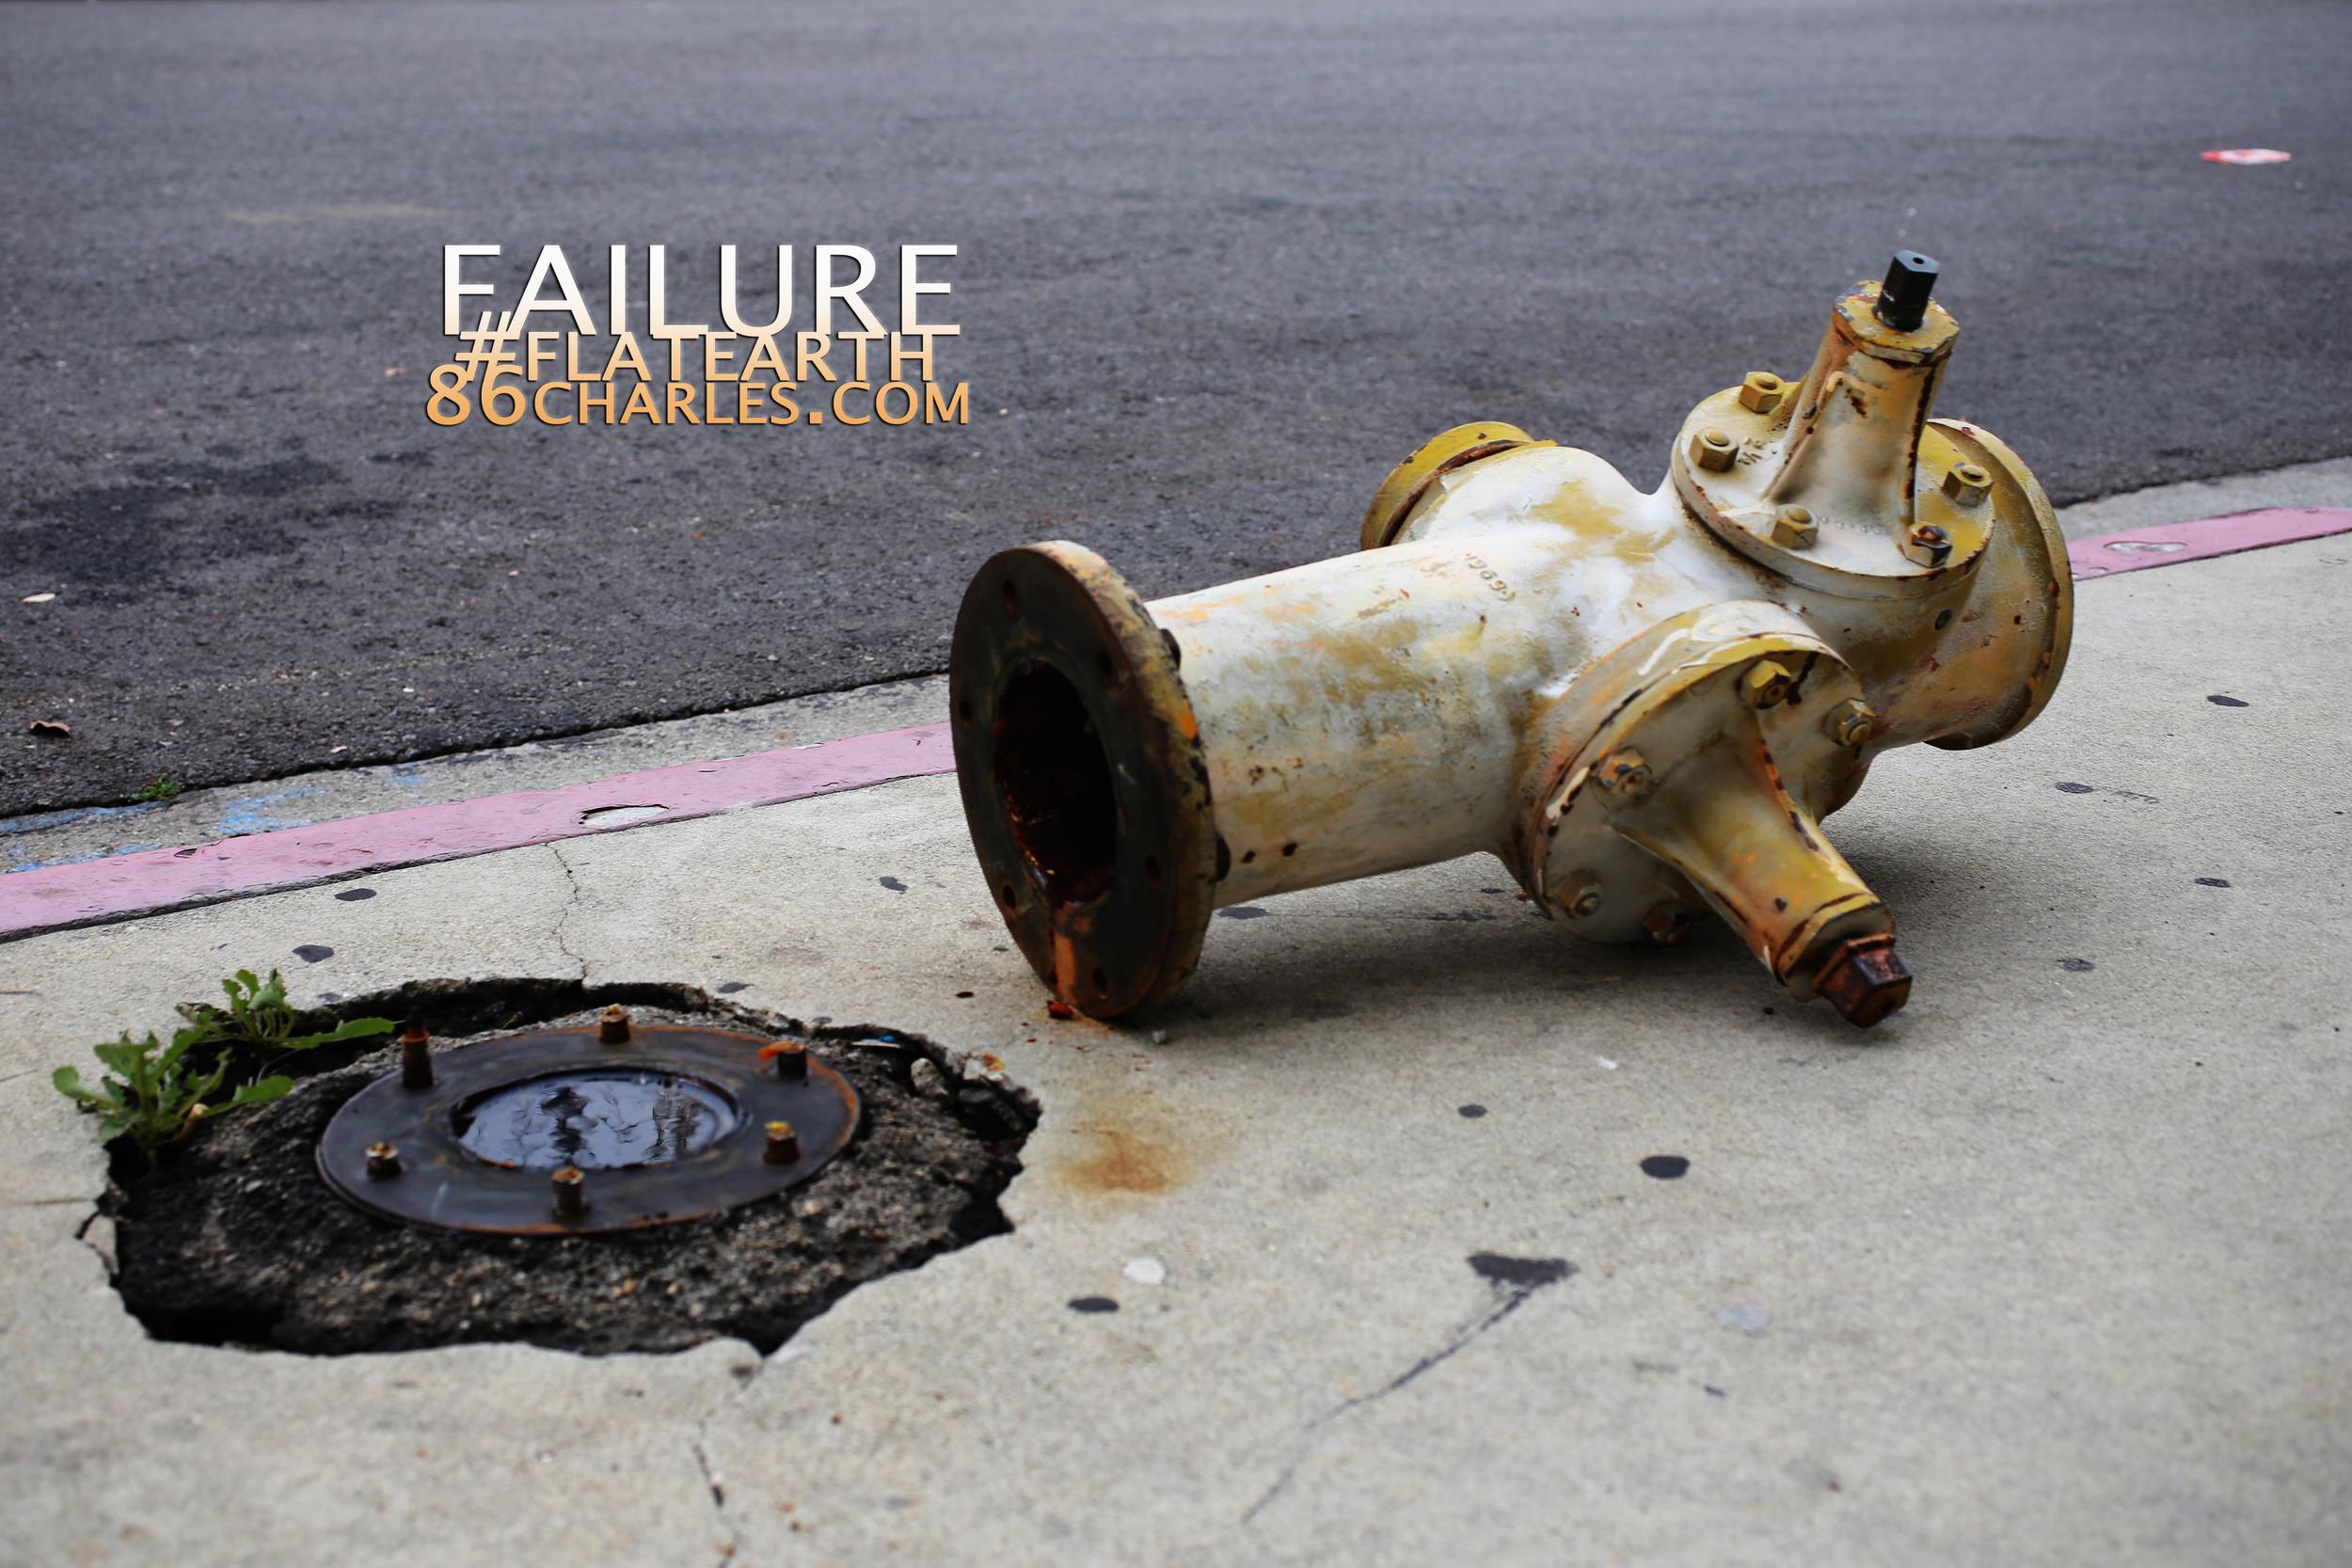 Failure #FlatEarth